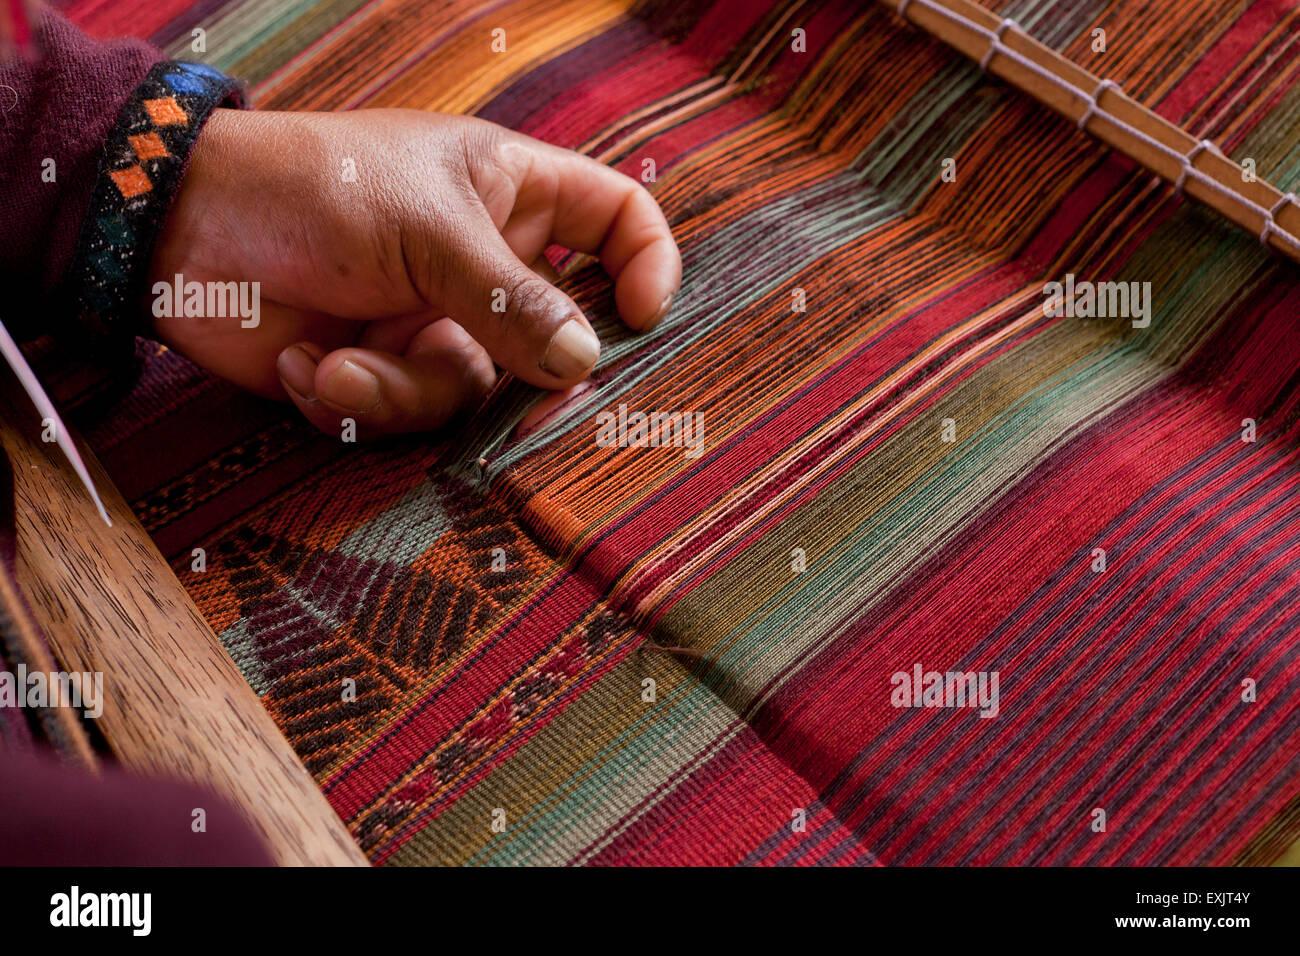 El hombre peruano desde Chinchero tradicional de tejer tejido con telar estrobo de atrás Imagen De Stock